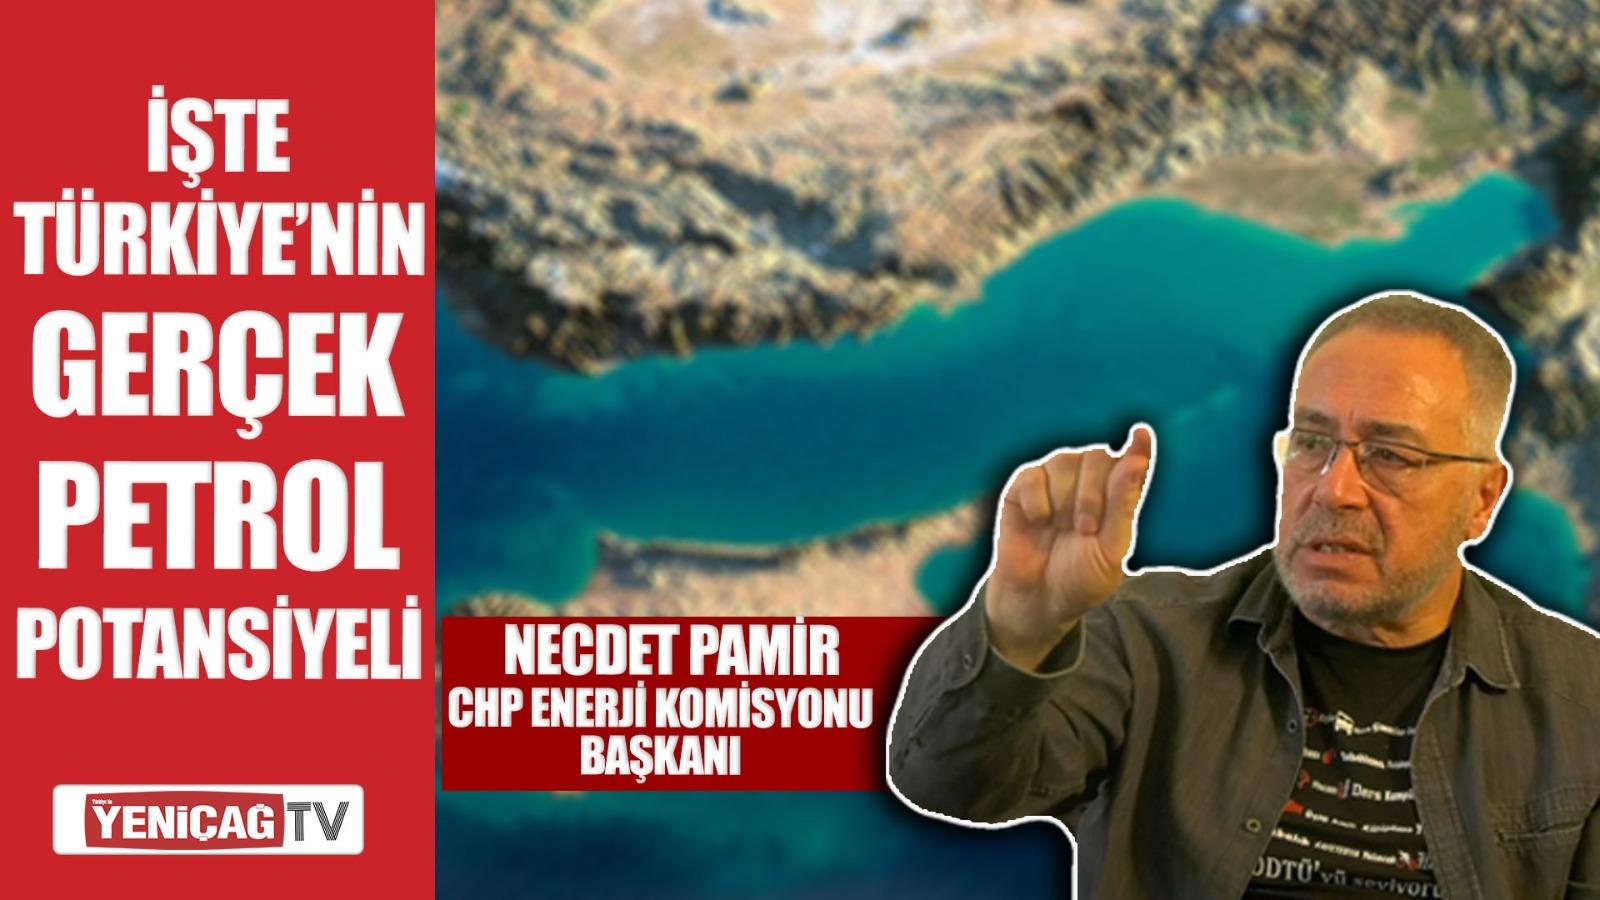 CHP Enerji Komisyonu Başkanı Necdet Pamir'den Doğu Akdeniz ve Libya'daki politikalara büyük destek!